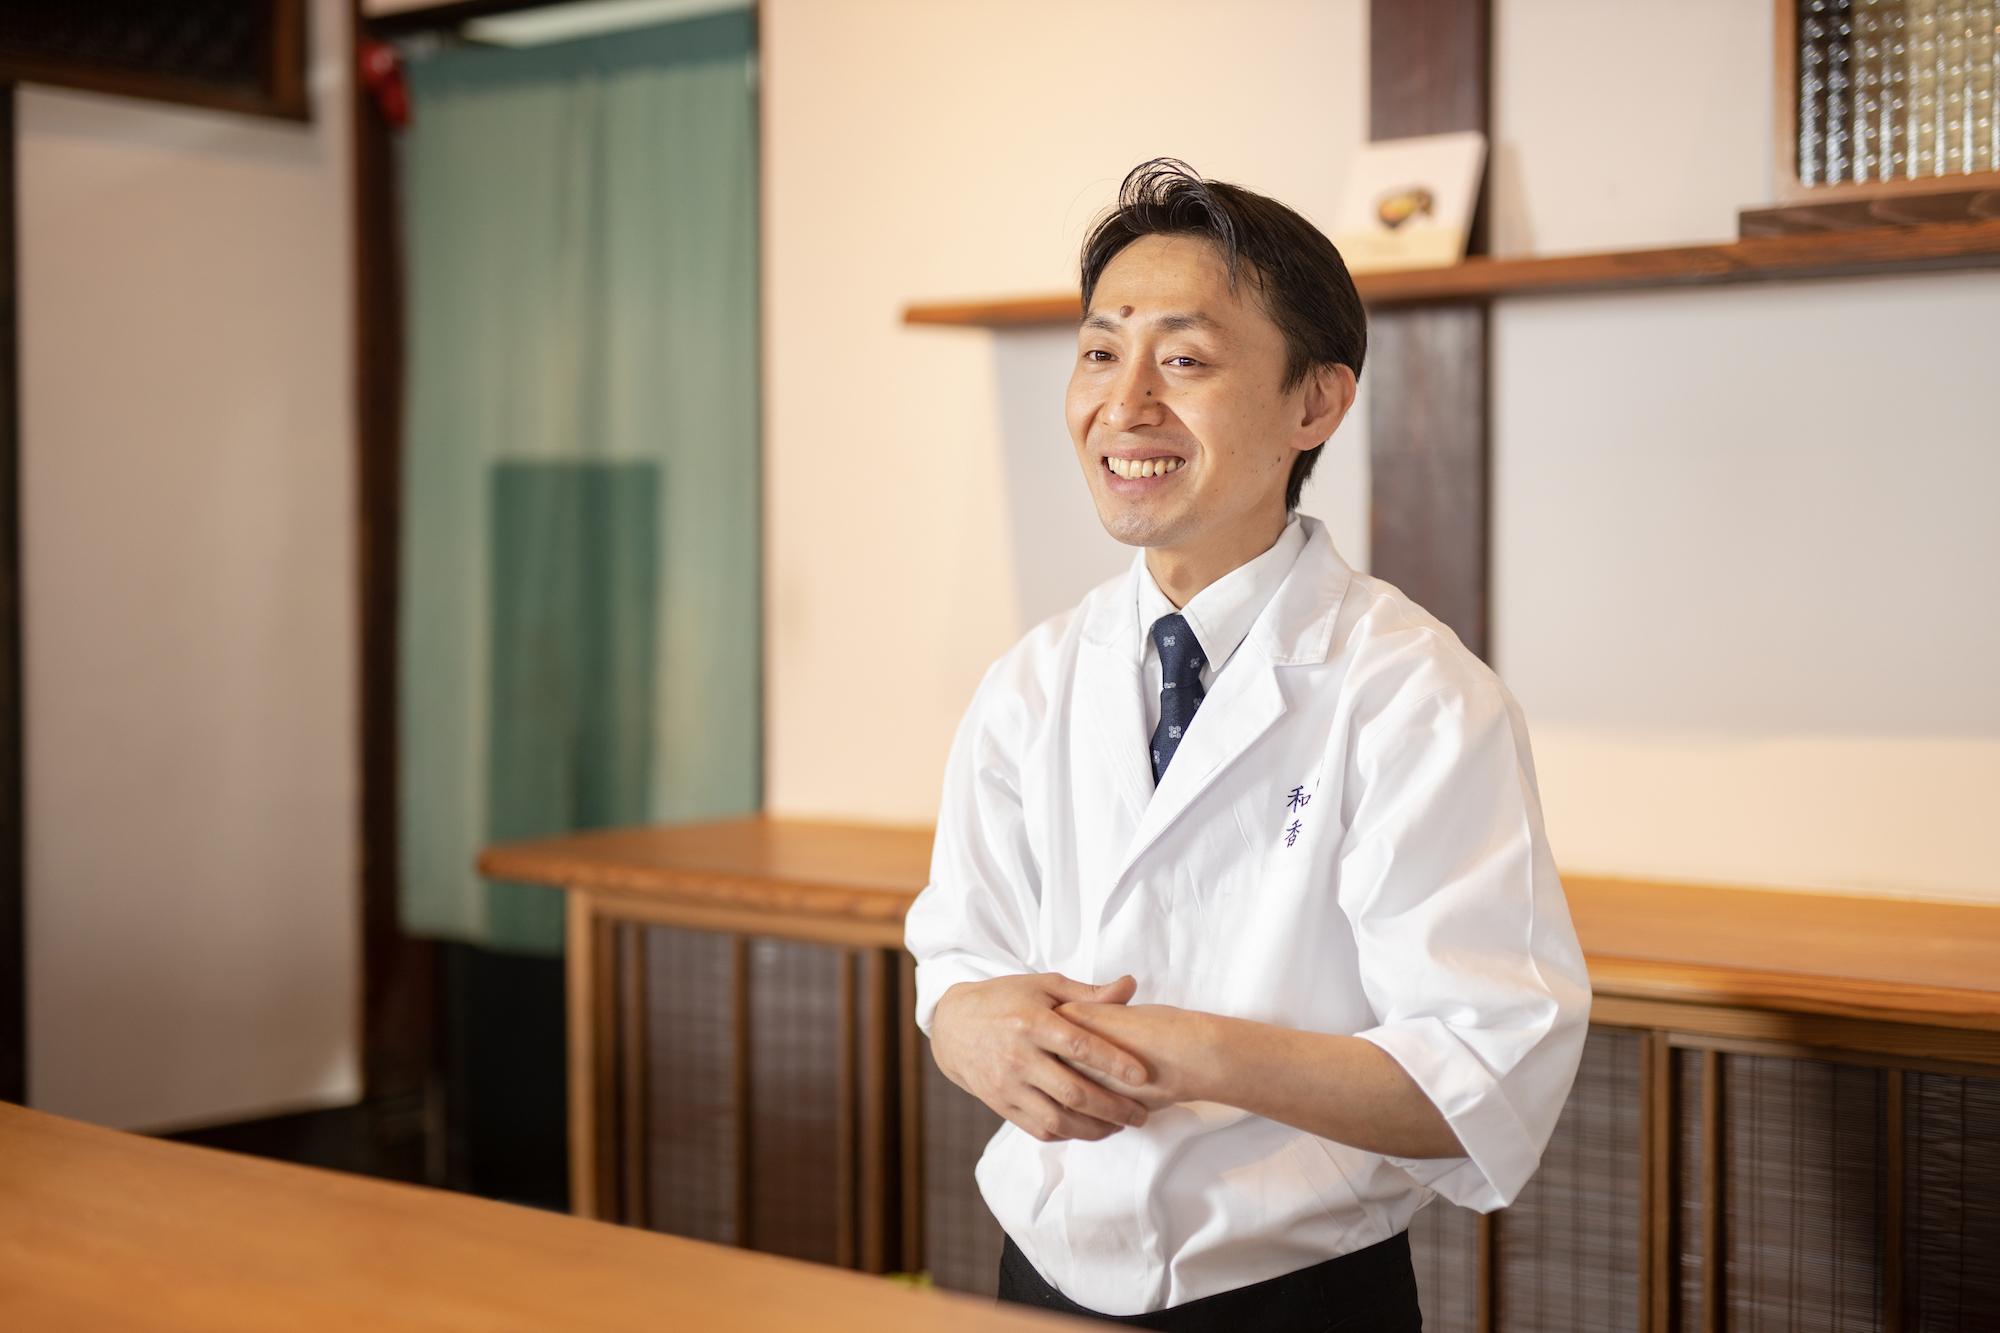 hayakawa image1